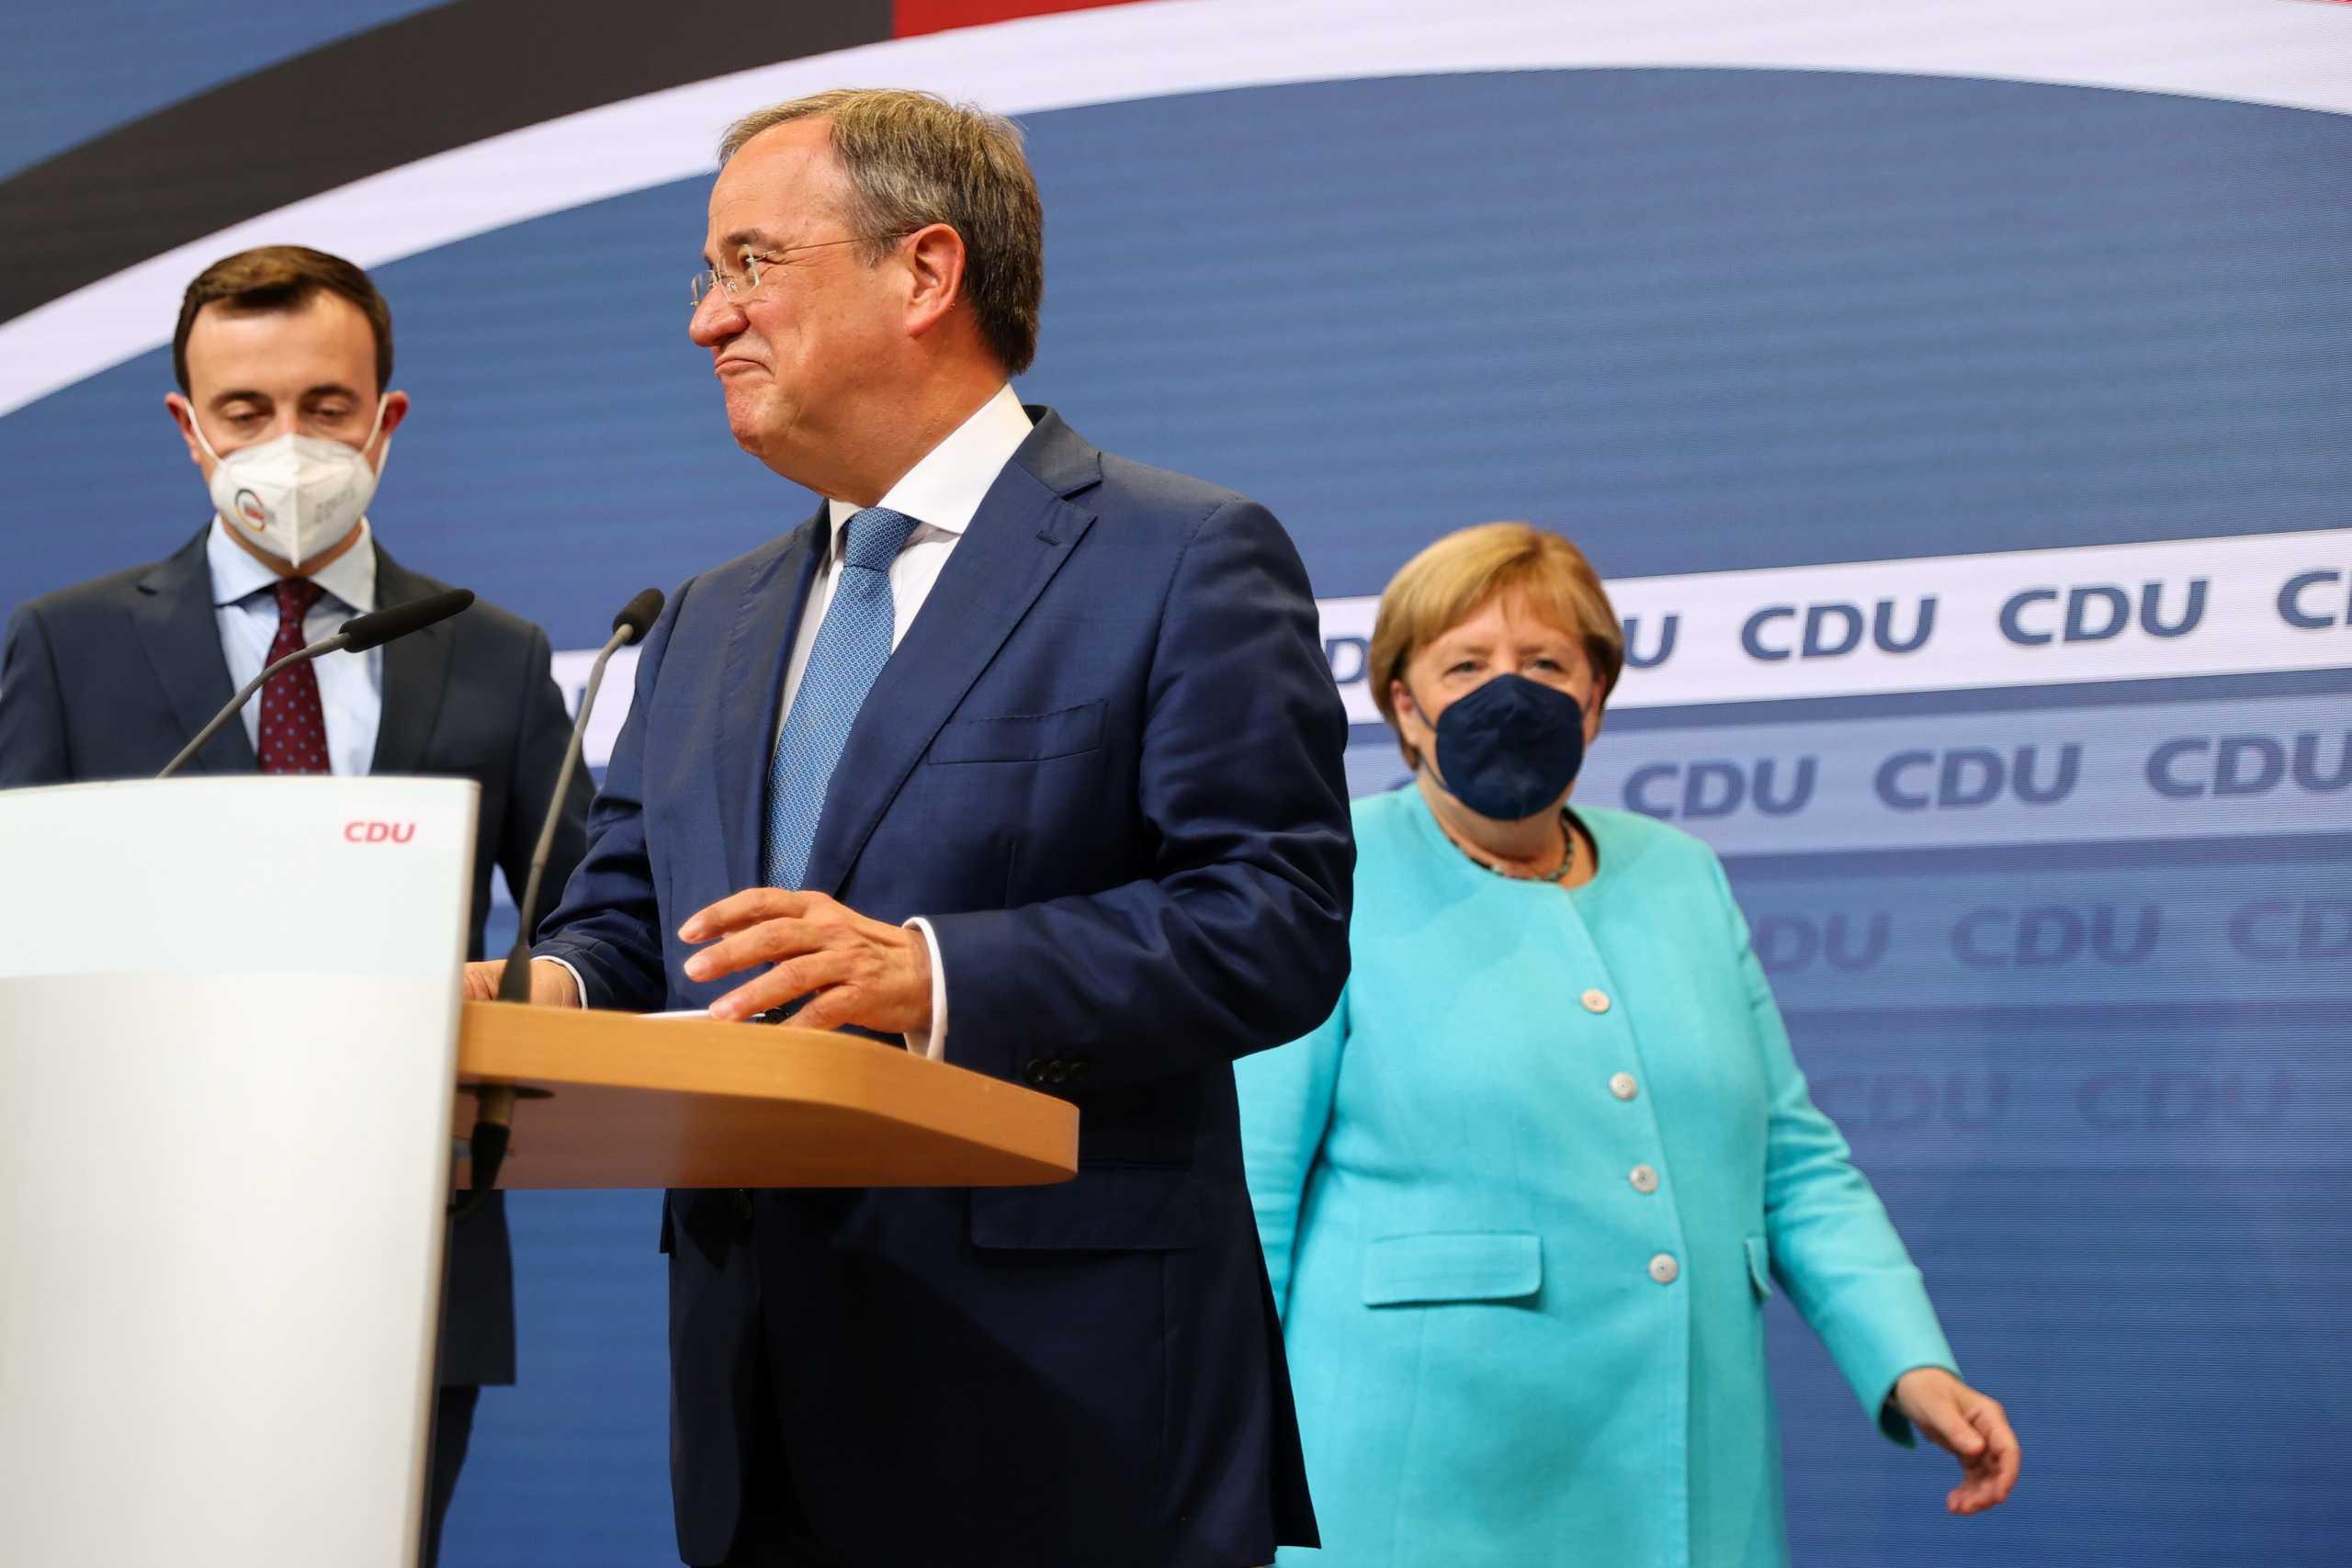 Εκλογές στην Γερμανία: Γιατί είναι καταστροφικό το αποτέλεσμα για το κόμμα της Άνγκελα Μέρκελ